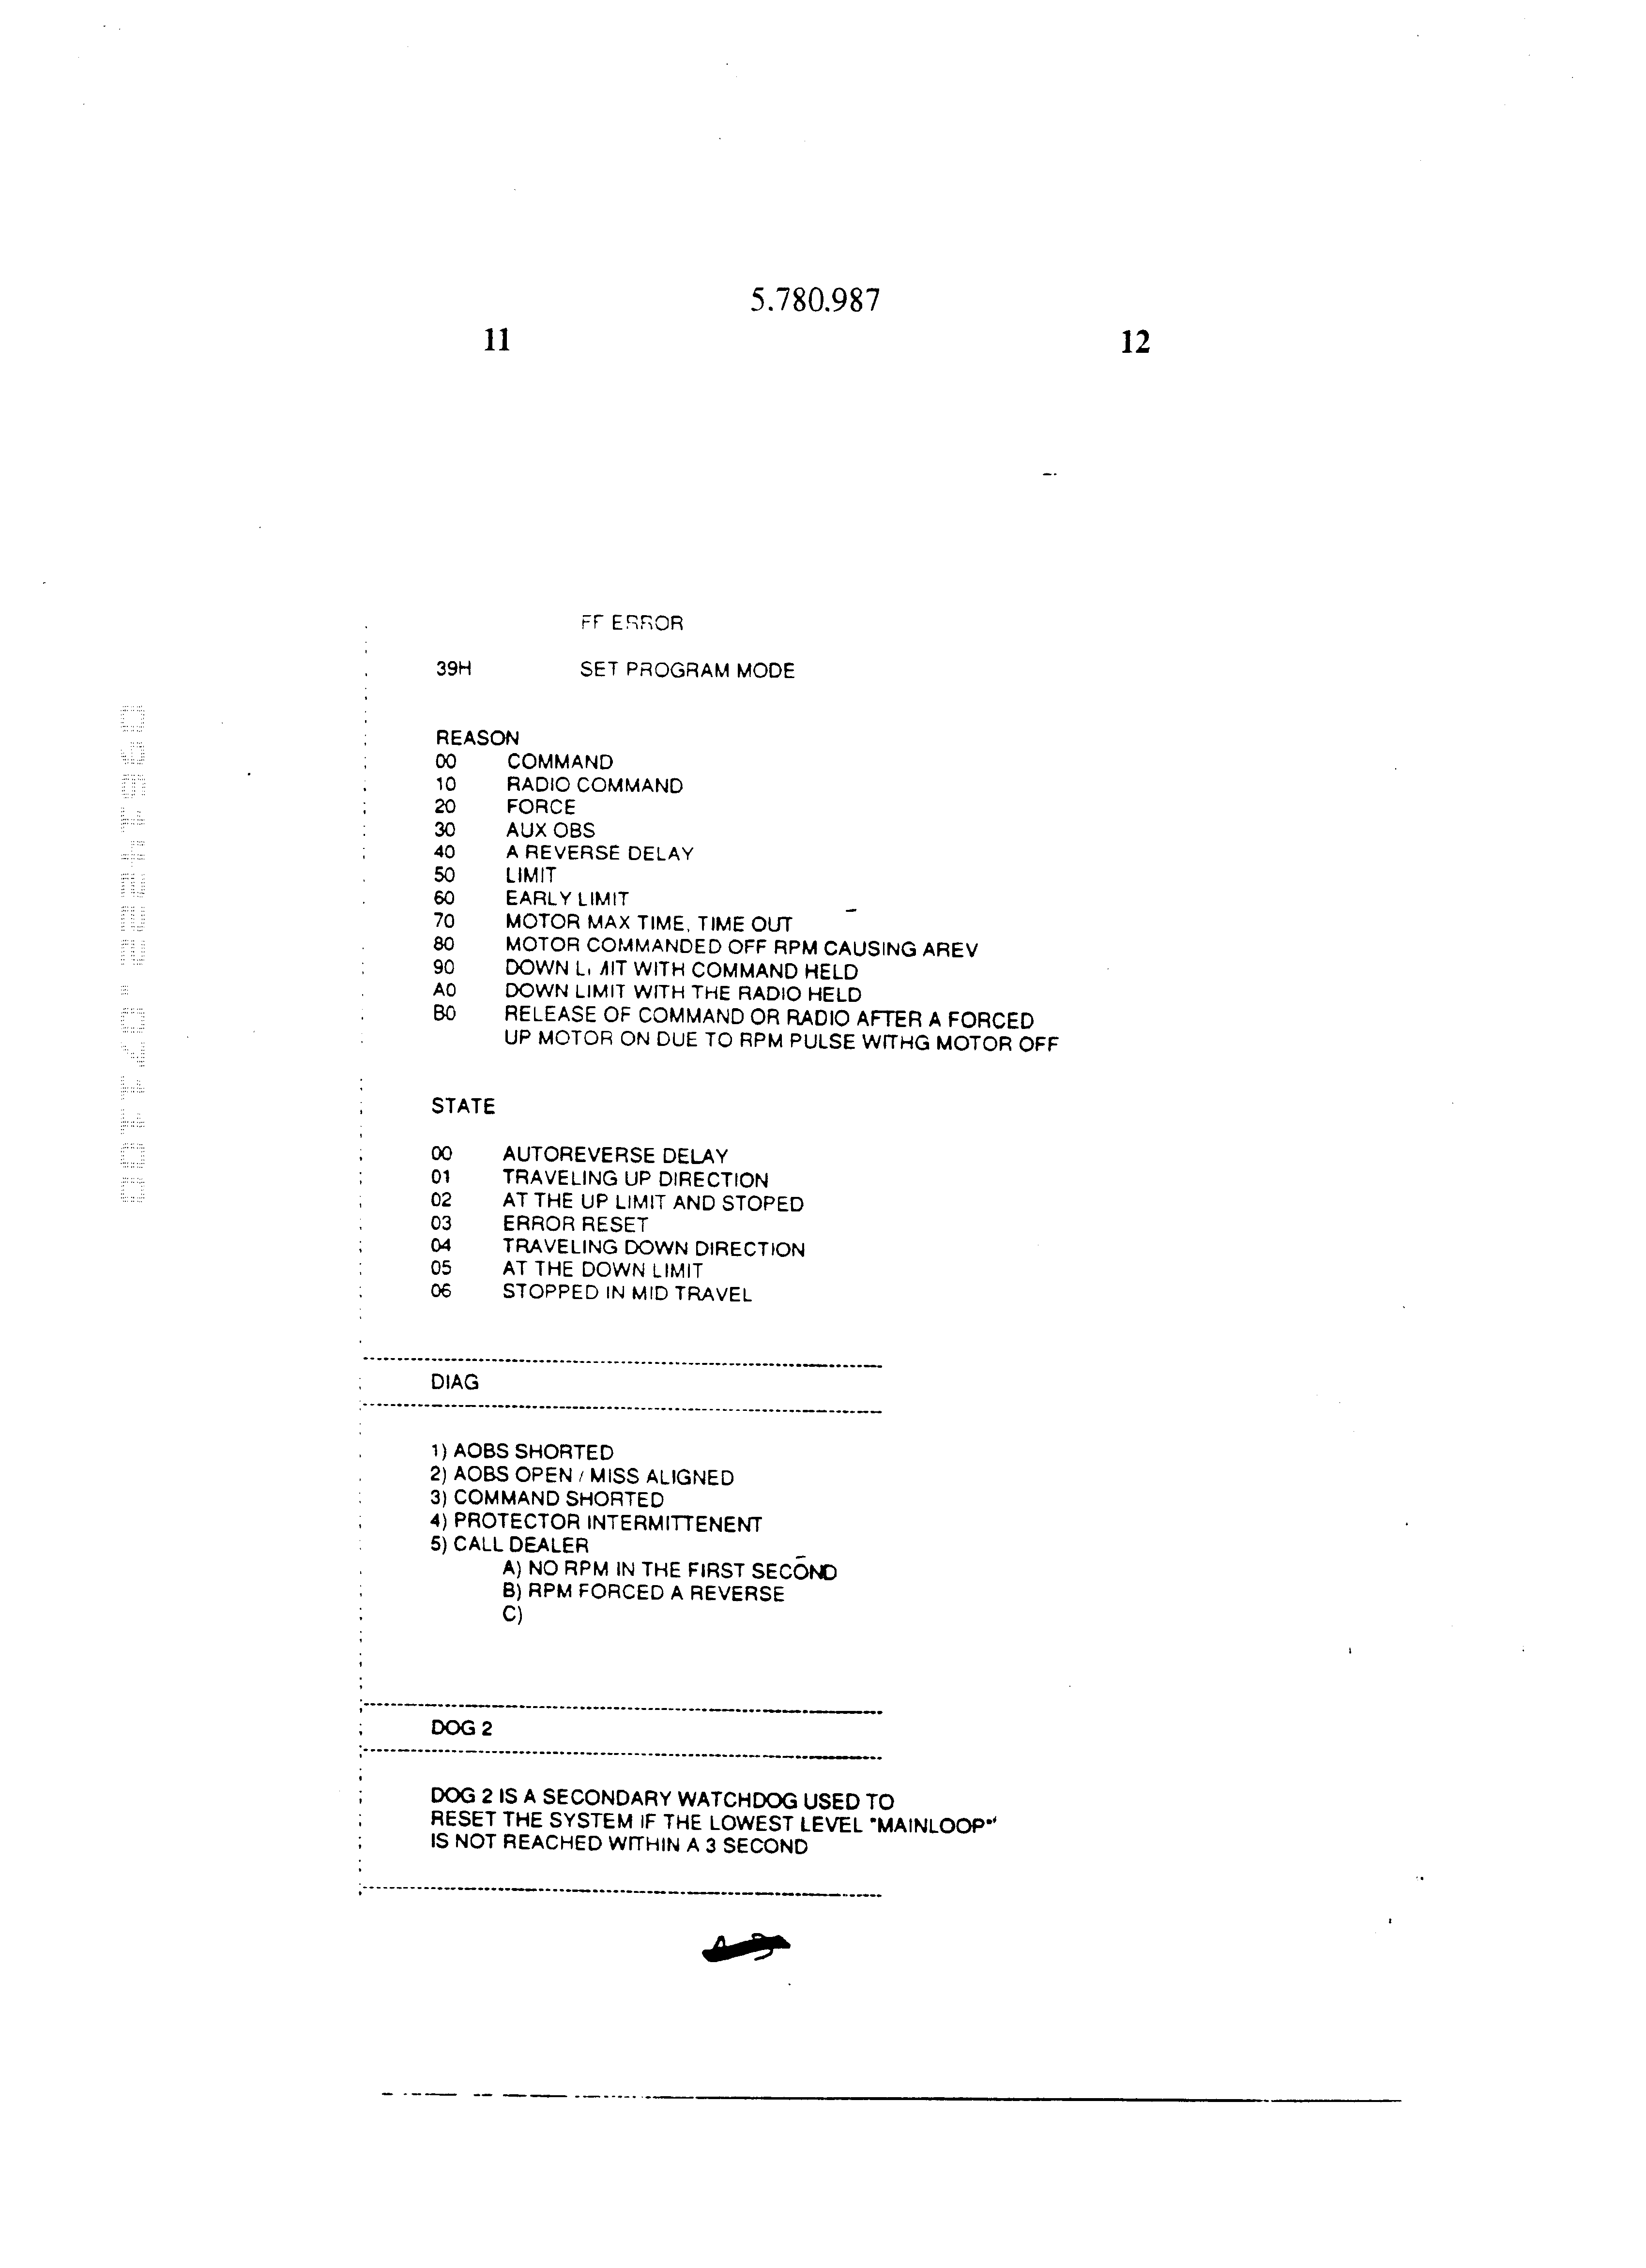 Figure USRE037784-20020709-P00003